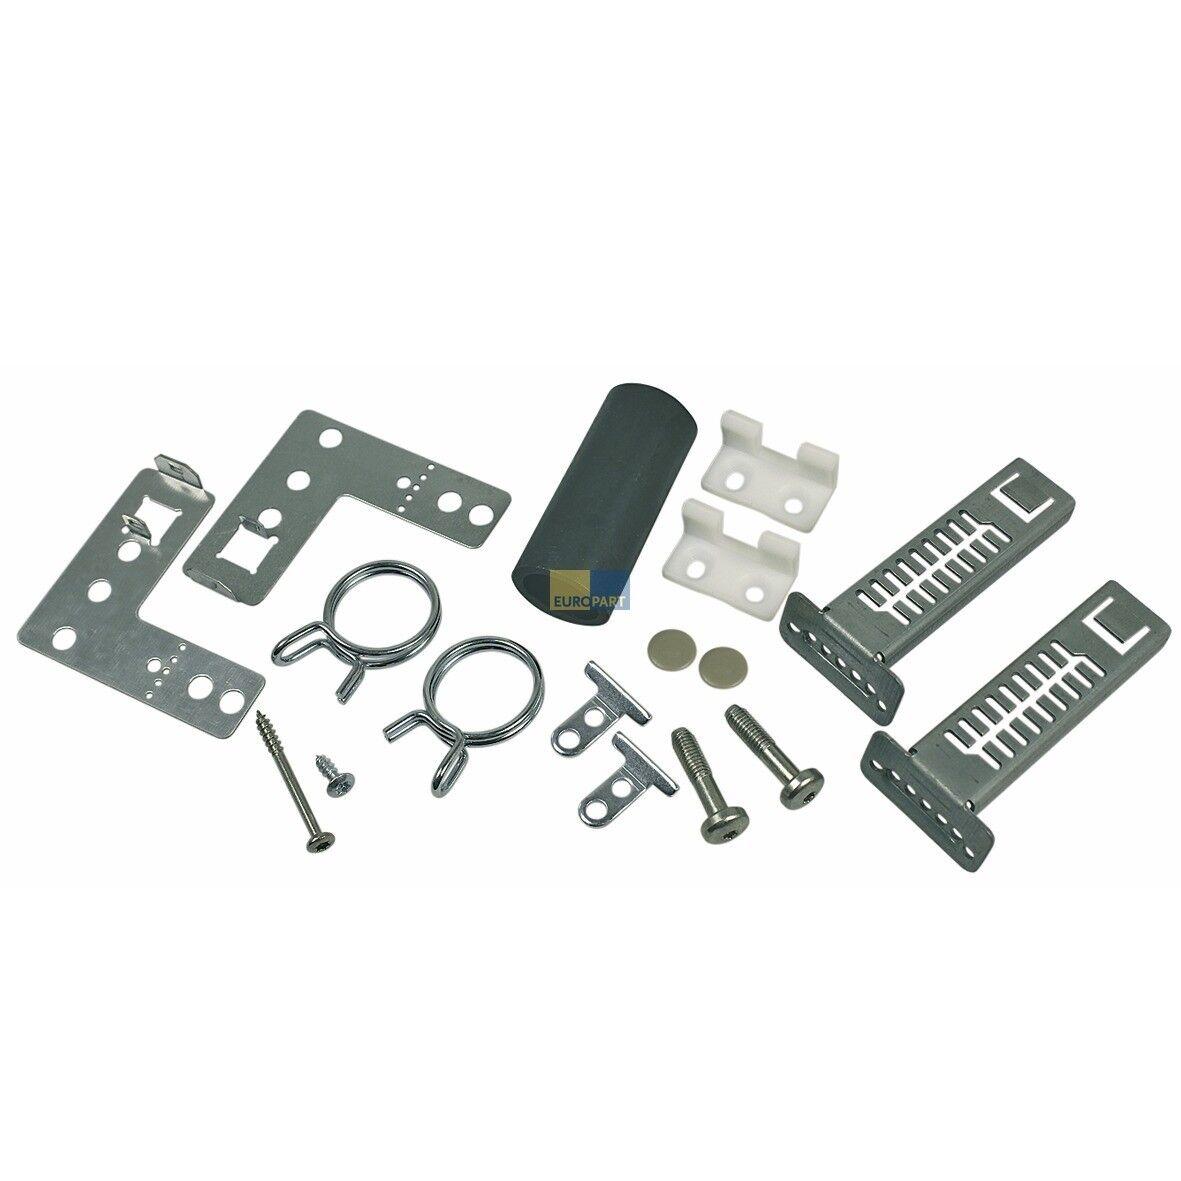 Absteller Flaschenfach Türfach Kühlschrank Bosch Halter 704760 00704760